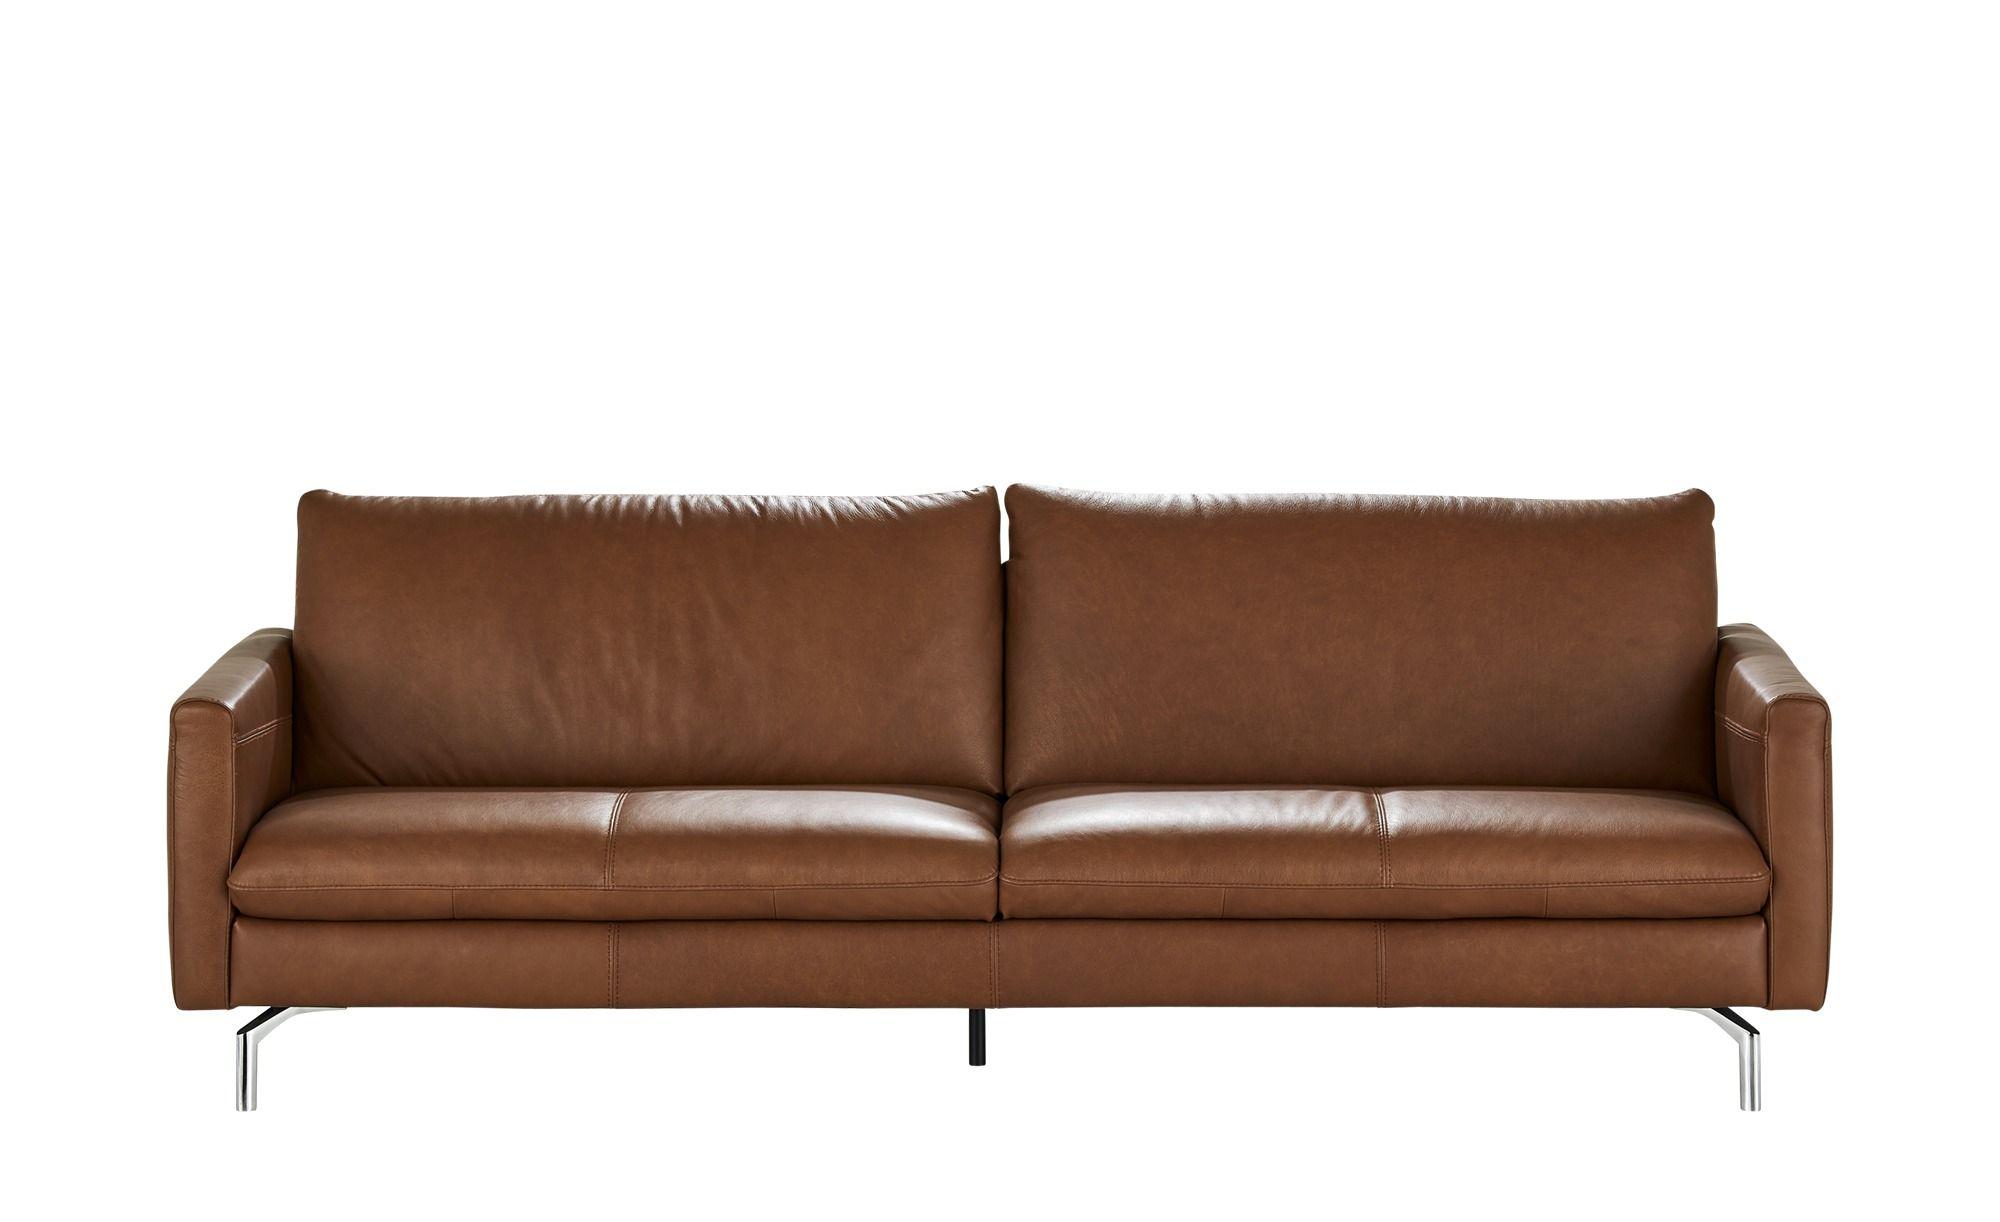 Ecksofa Leder Schwarz Weiss Big Sofa Mit Schlaffunktion Gunstig Sofa Big Carlos Sofa Design Institute Facebook Sofa Gunstige Sofas Sofa Wohnzimmer Braun